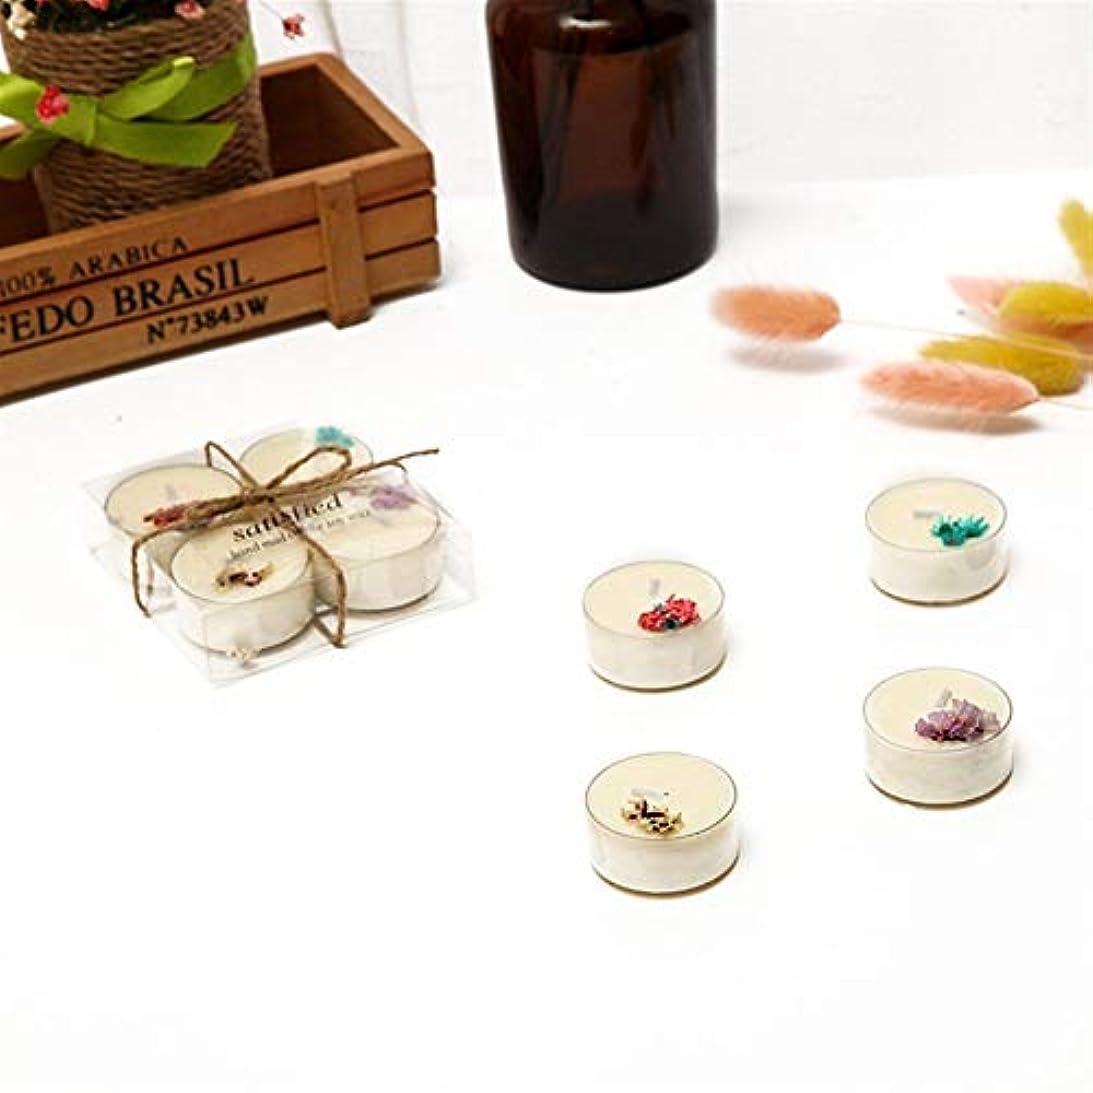 メディア書き込み変装Guomao 4つの花小さな茶ワックスガラスボトルアロマセラピーガラスカップ非毒性環境保護 (色 : Lavender)